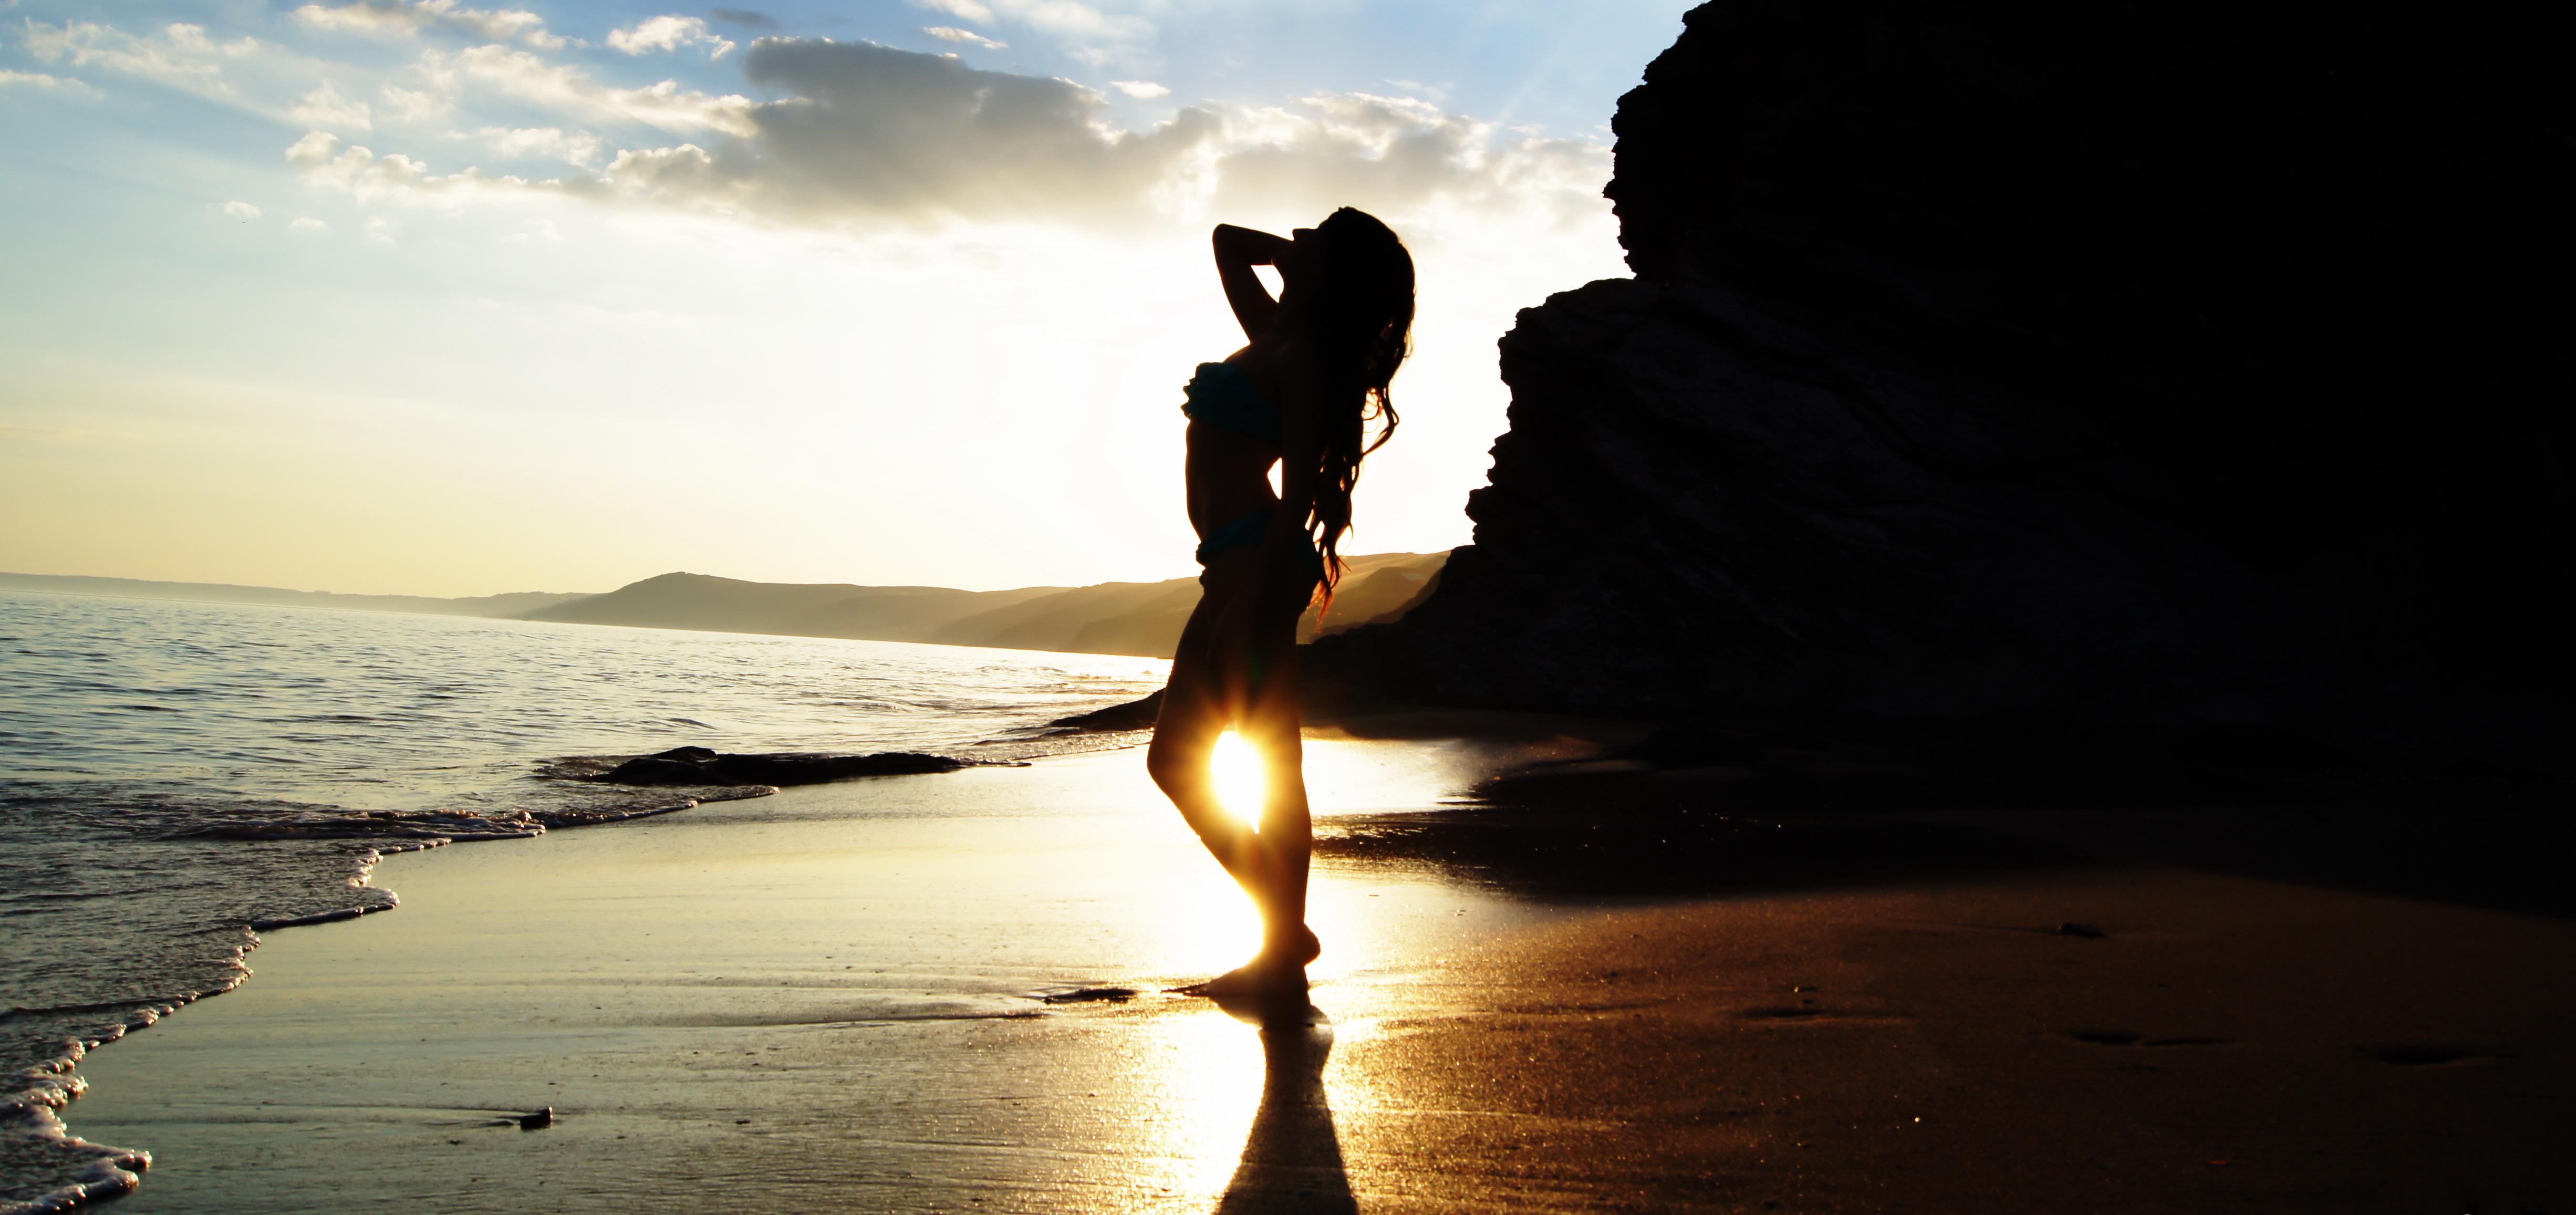 Побережье девушка природа солнце скачать